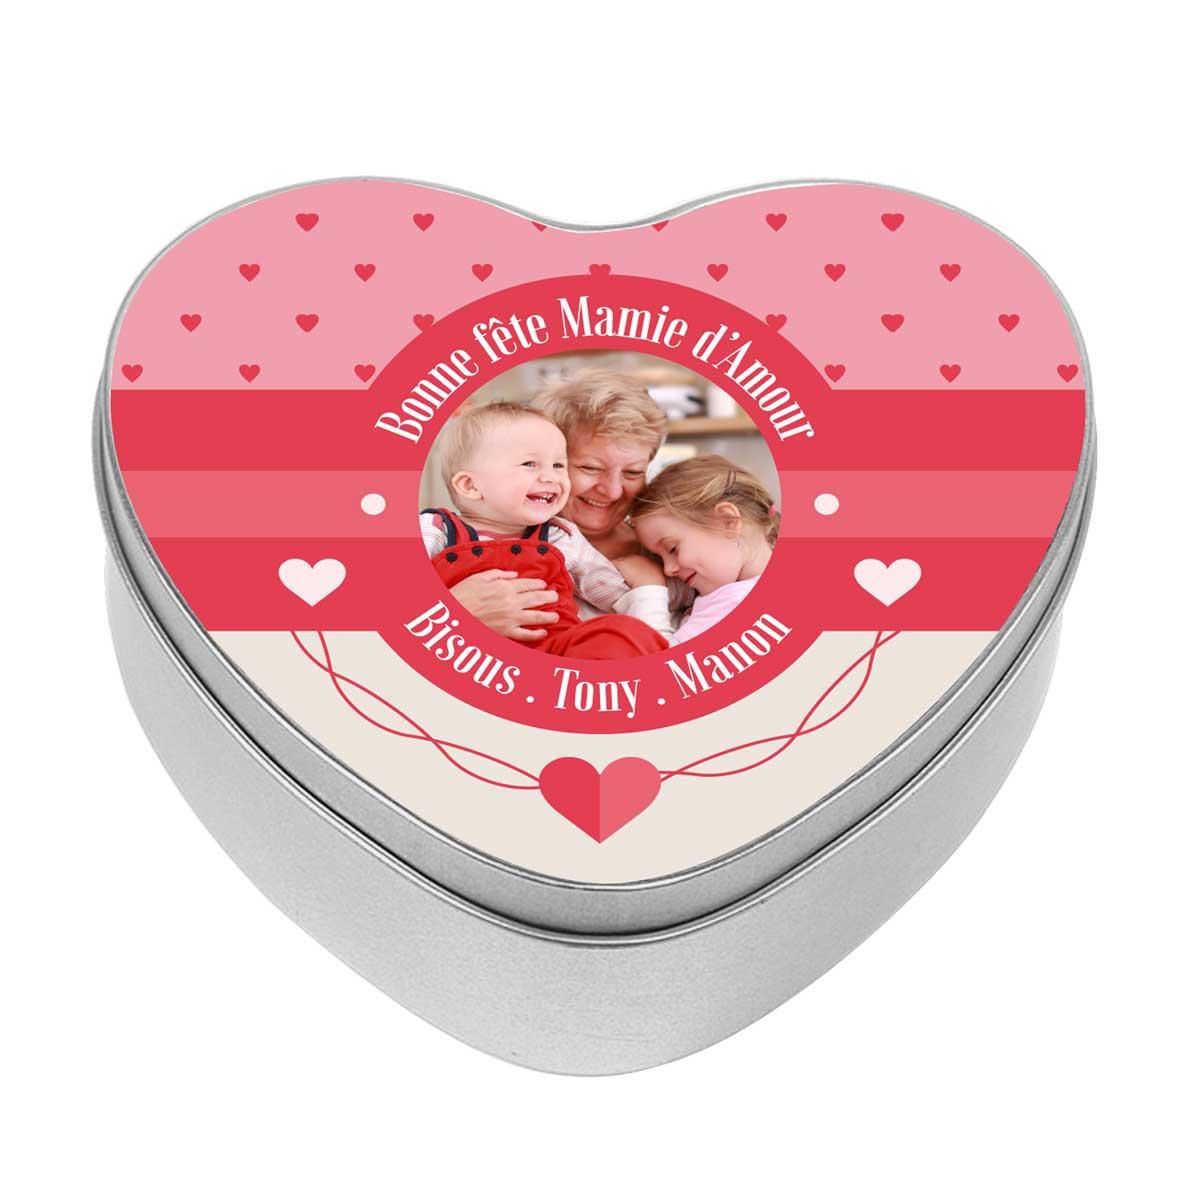 Personnalisé Doux-Breloque Boîte de Cadeau-maman-Fête Mères-Amour Coeur-Unique